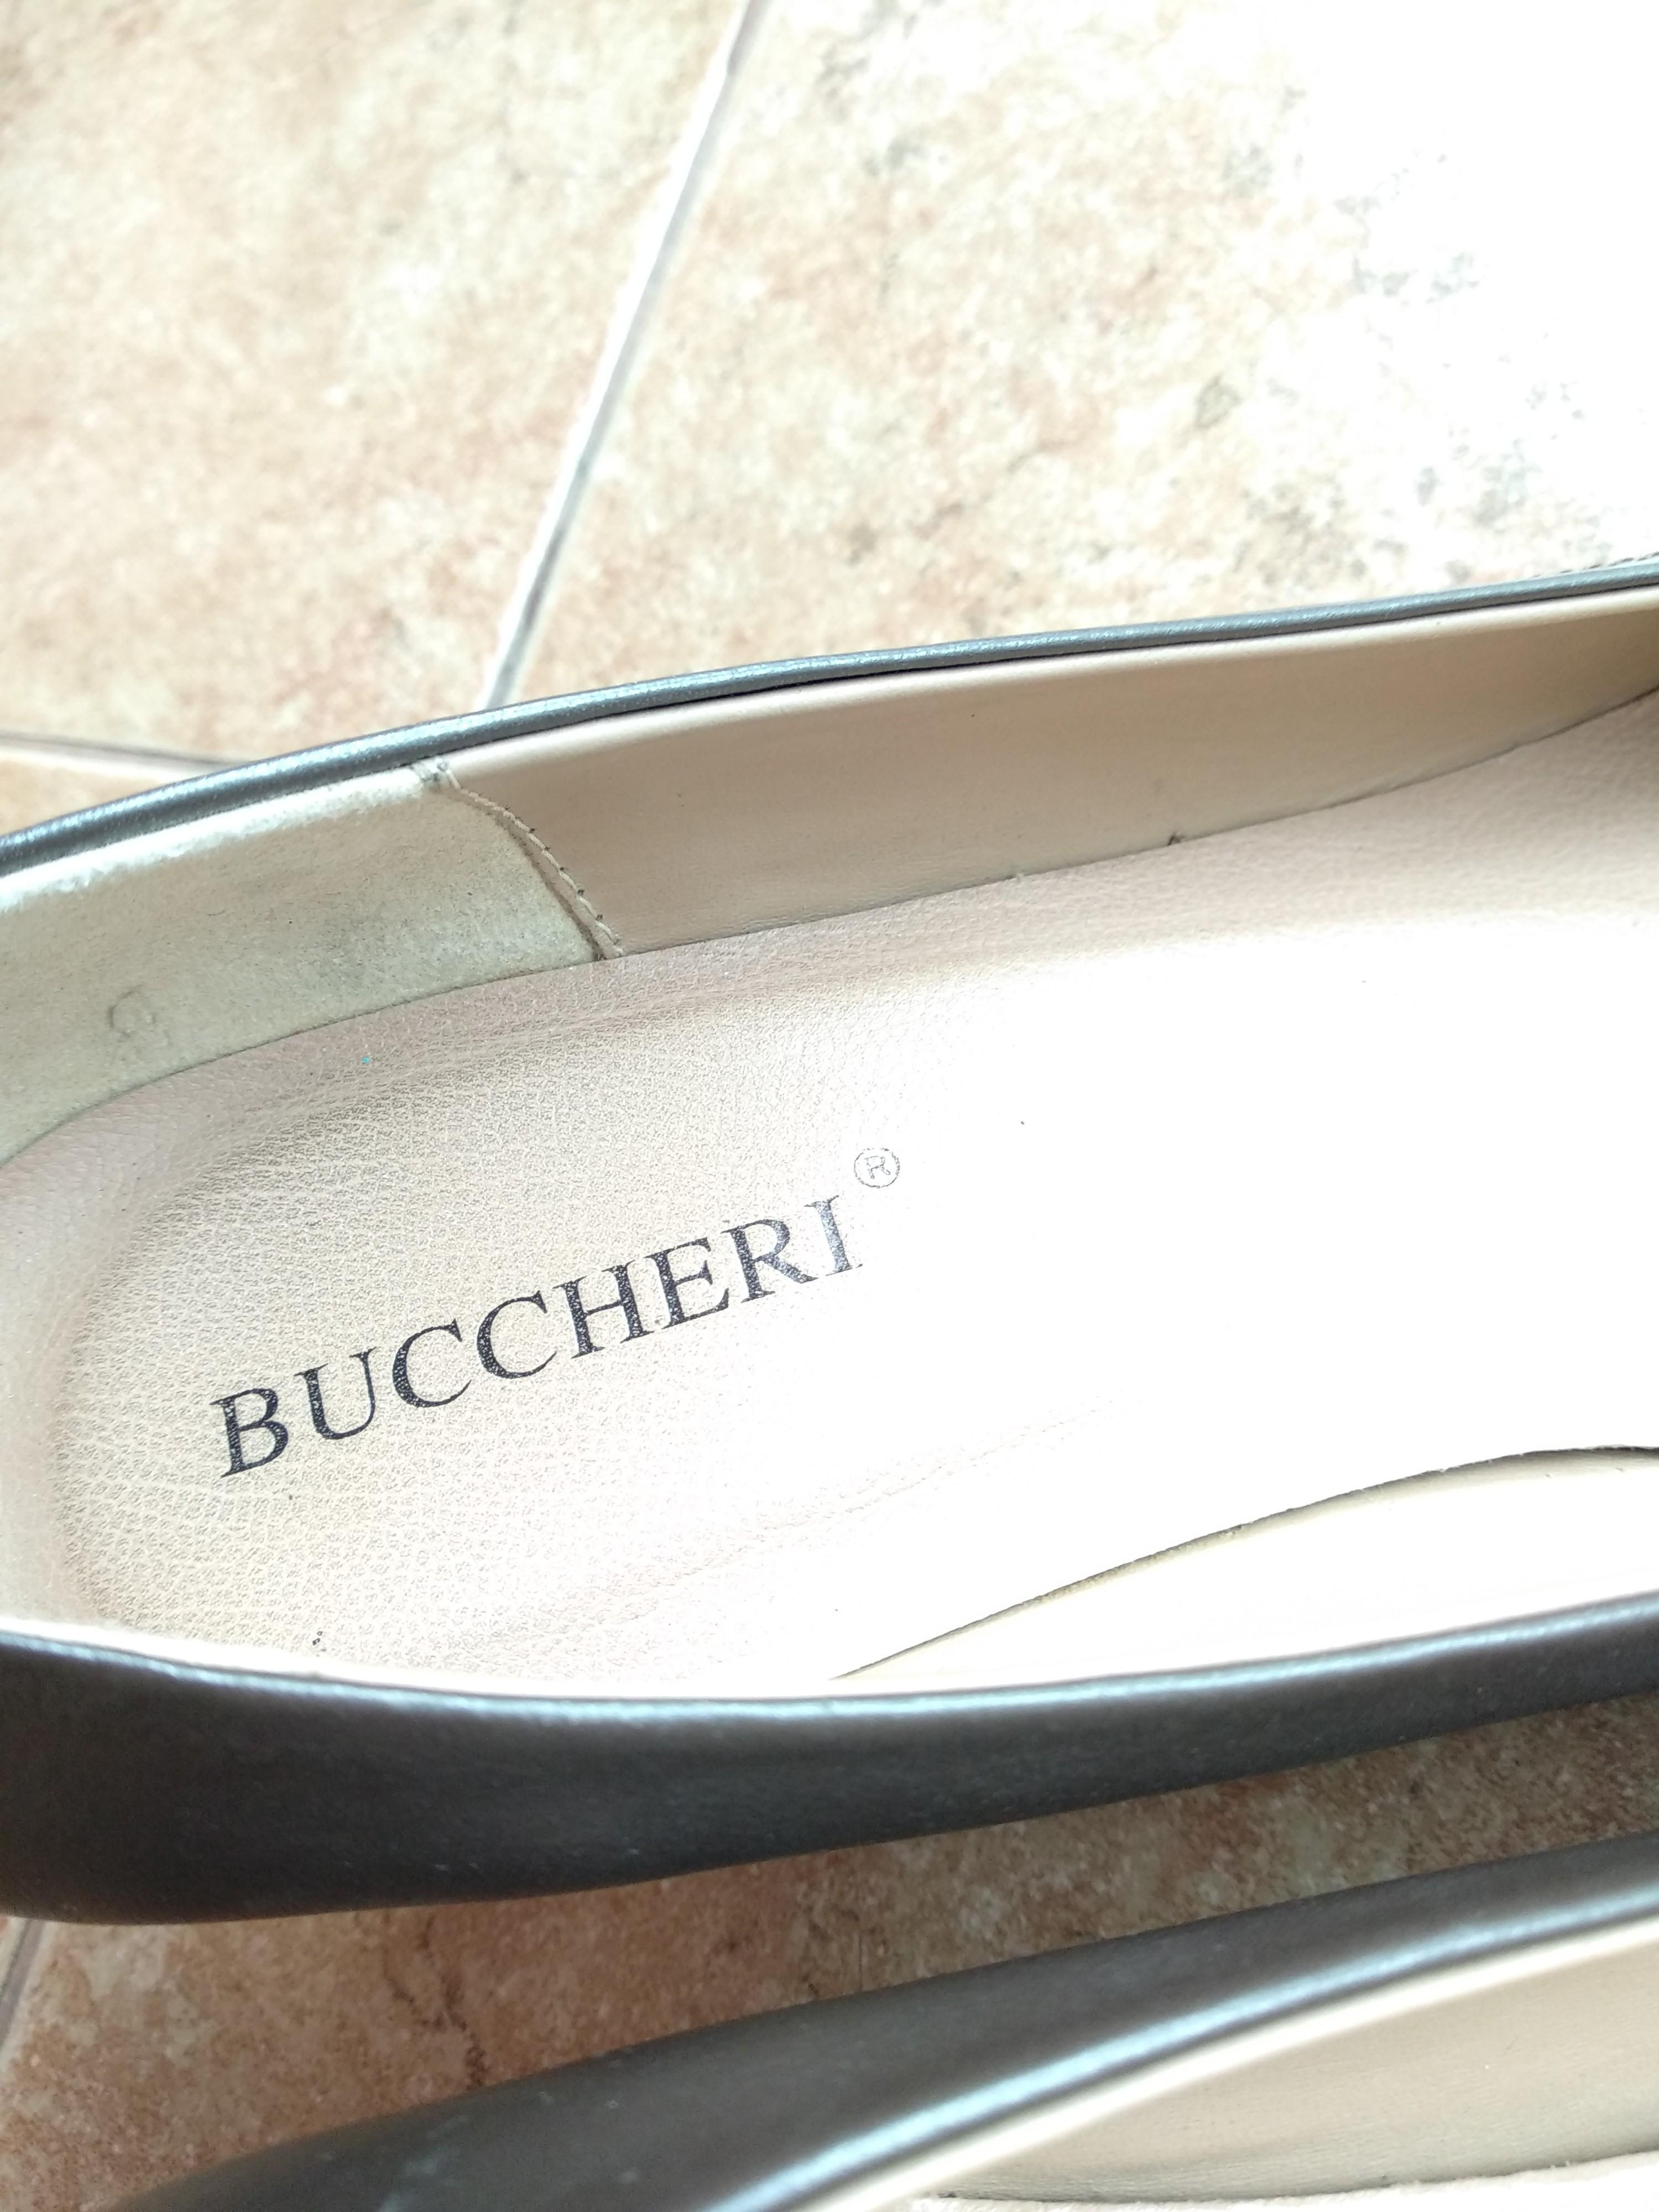 Sepatu Heels Buccheri Coklat